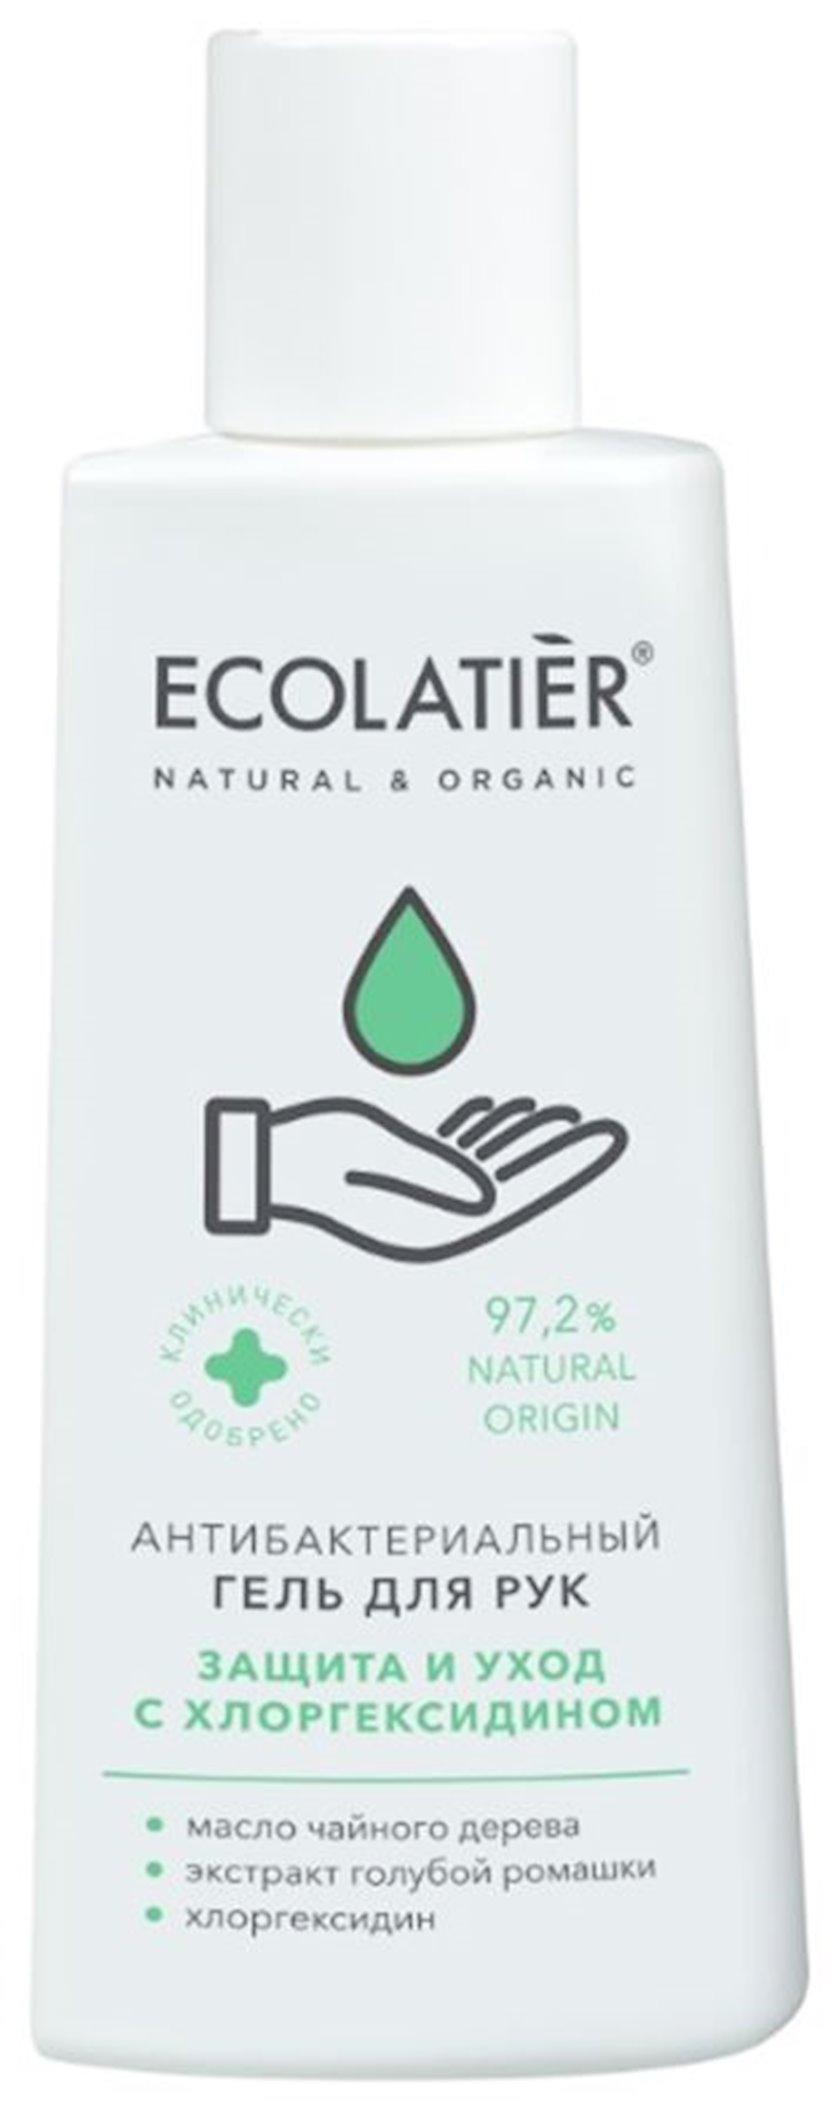 Əllər üçün antibakterial gel Ecolatier xlorqeksidin, çobanyastığı ekstraktı və çay ağacının yağı ilə, 150 ml